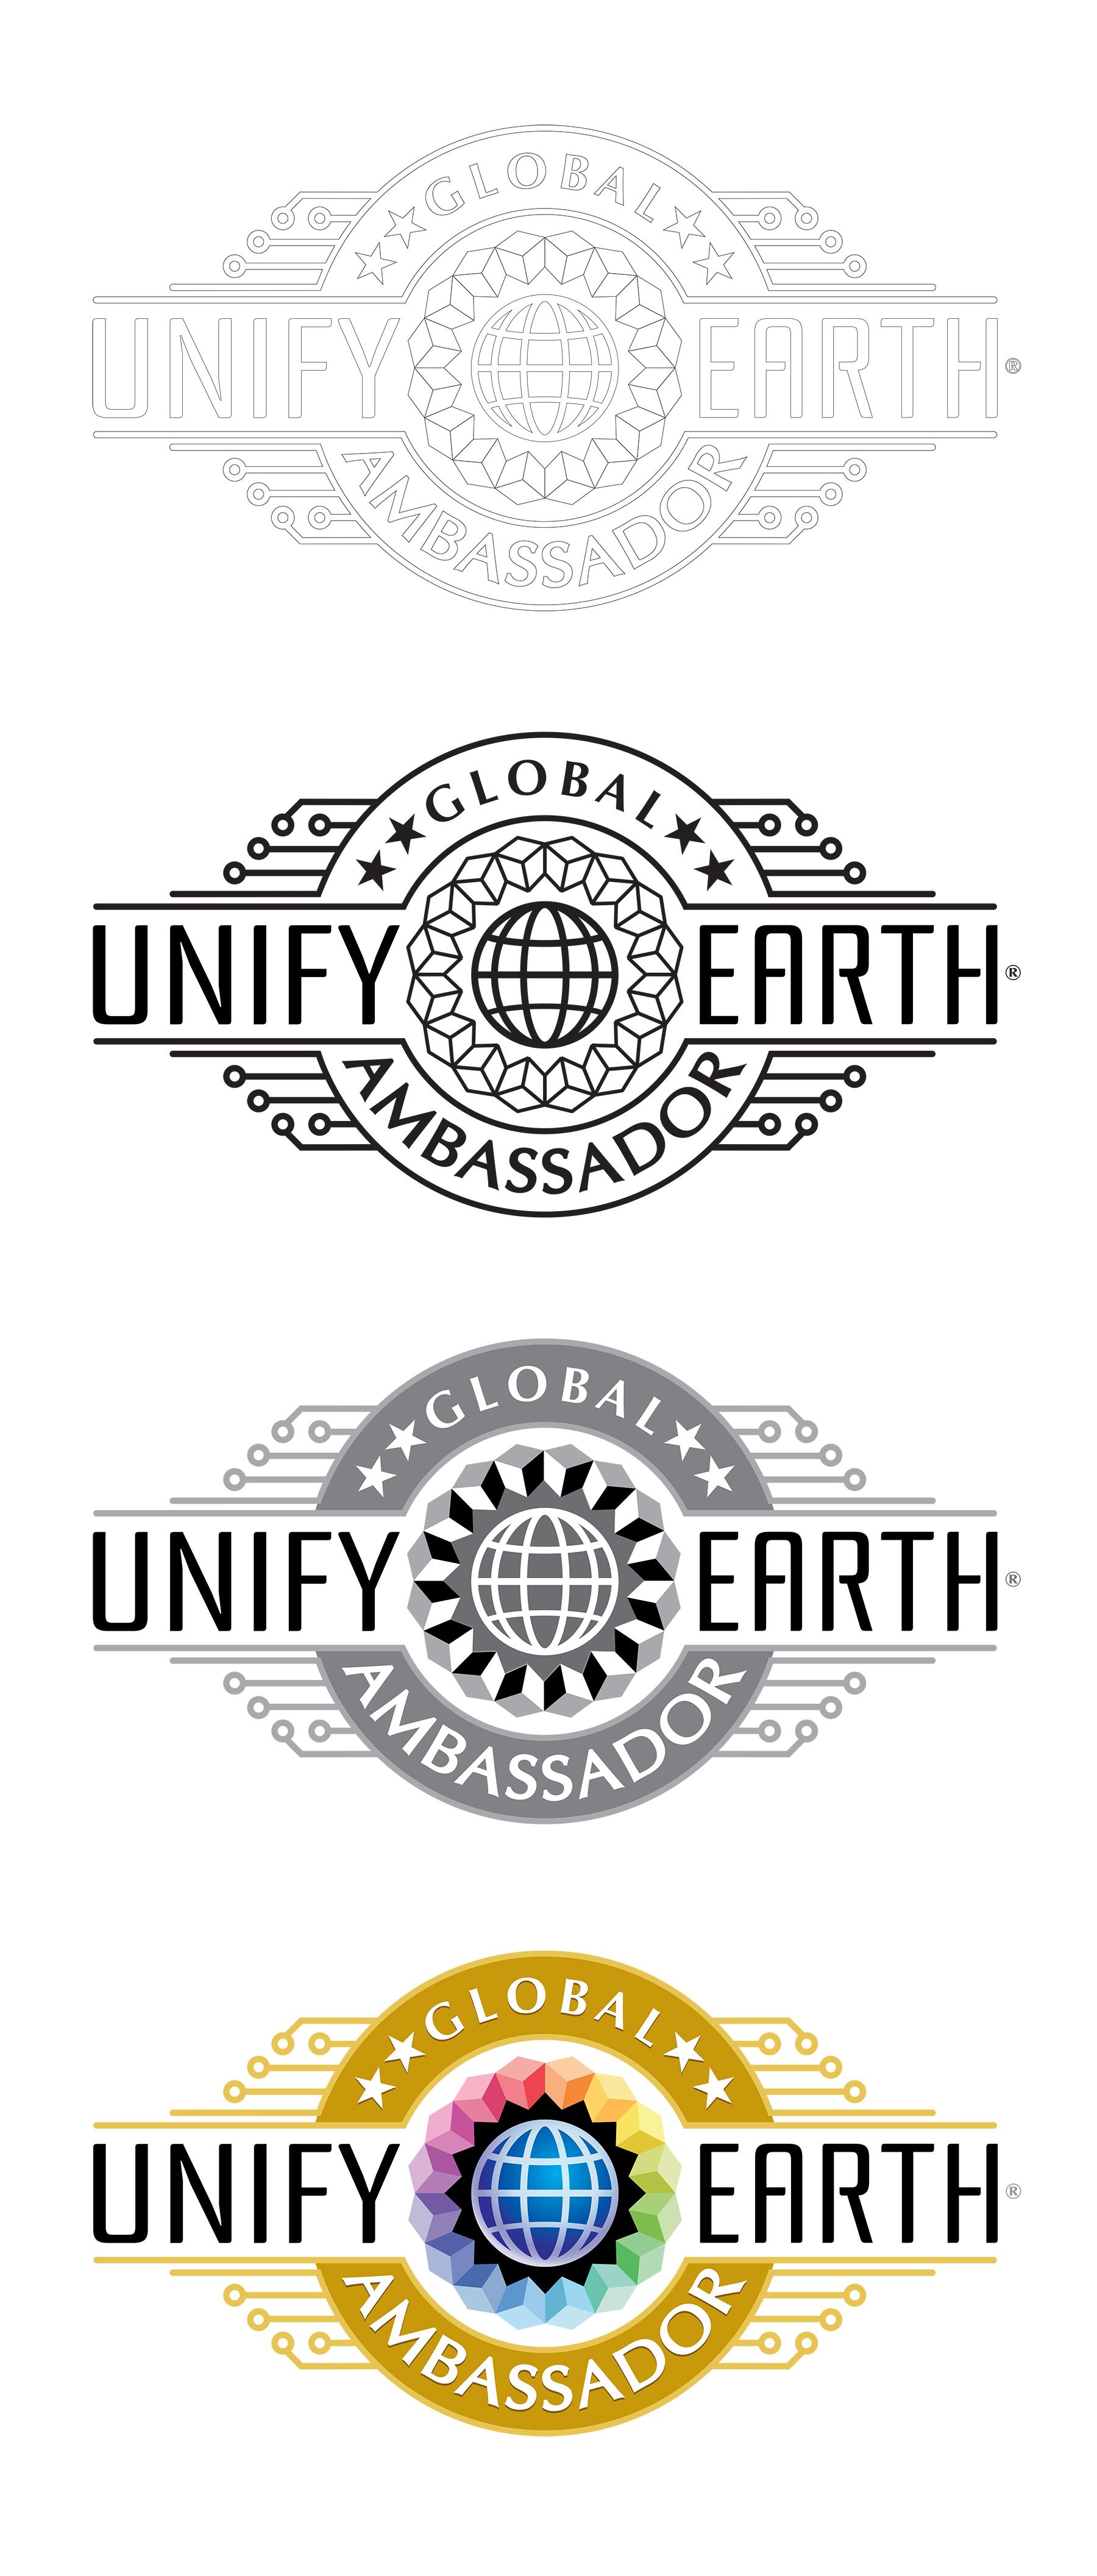 Unify Earth Ambassador Program Logo